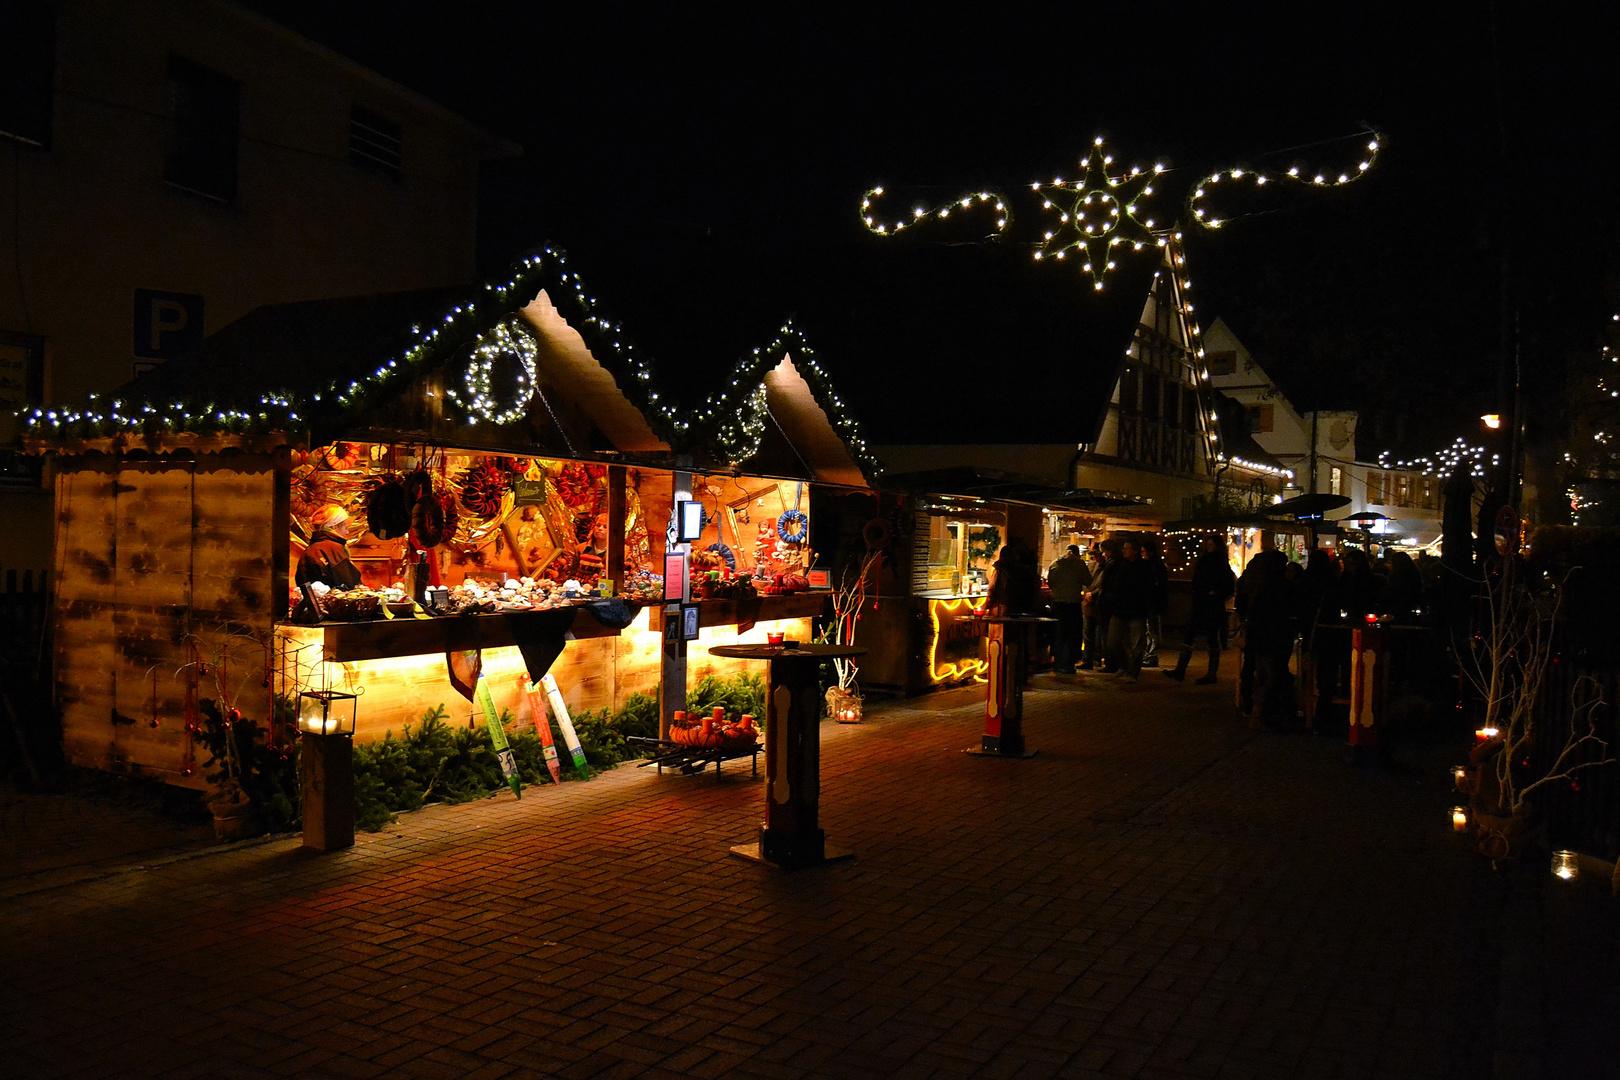 Weihnachtsmarkt in der nacht 2